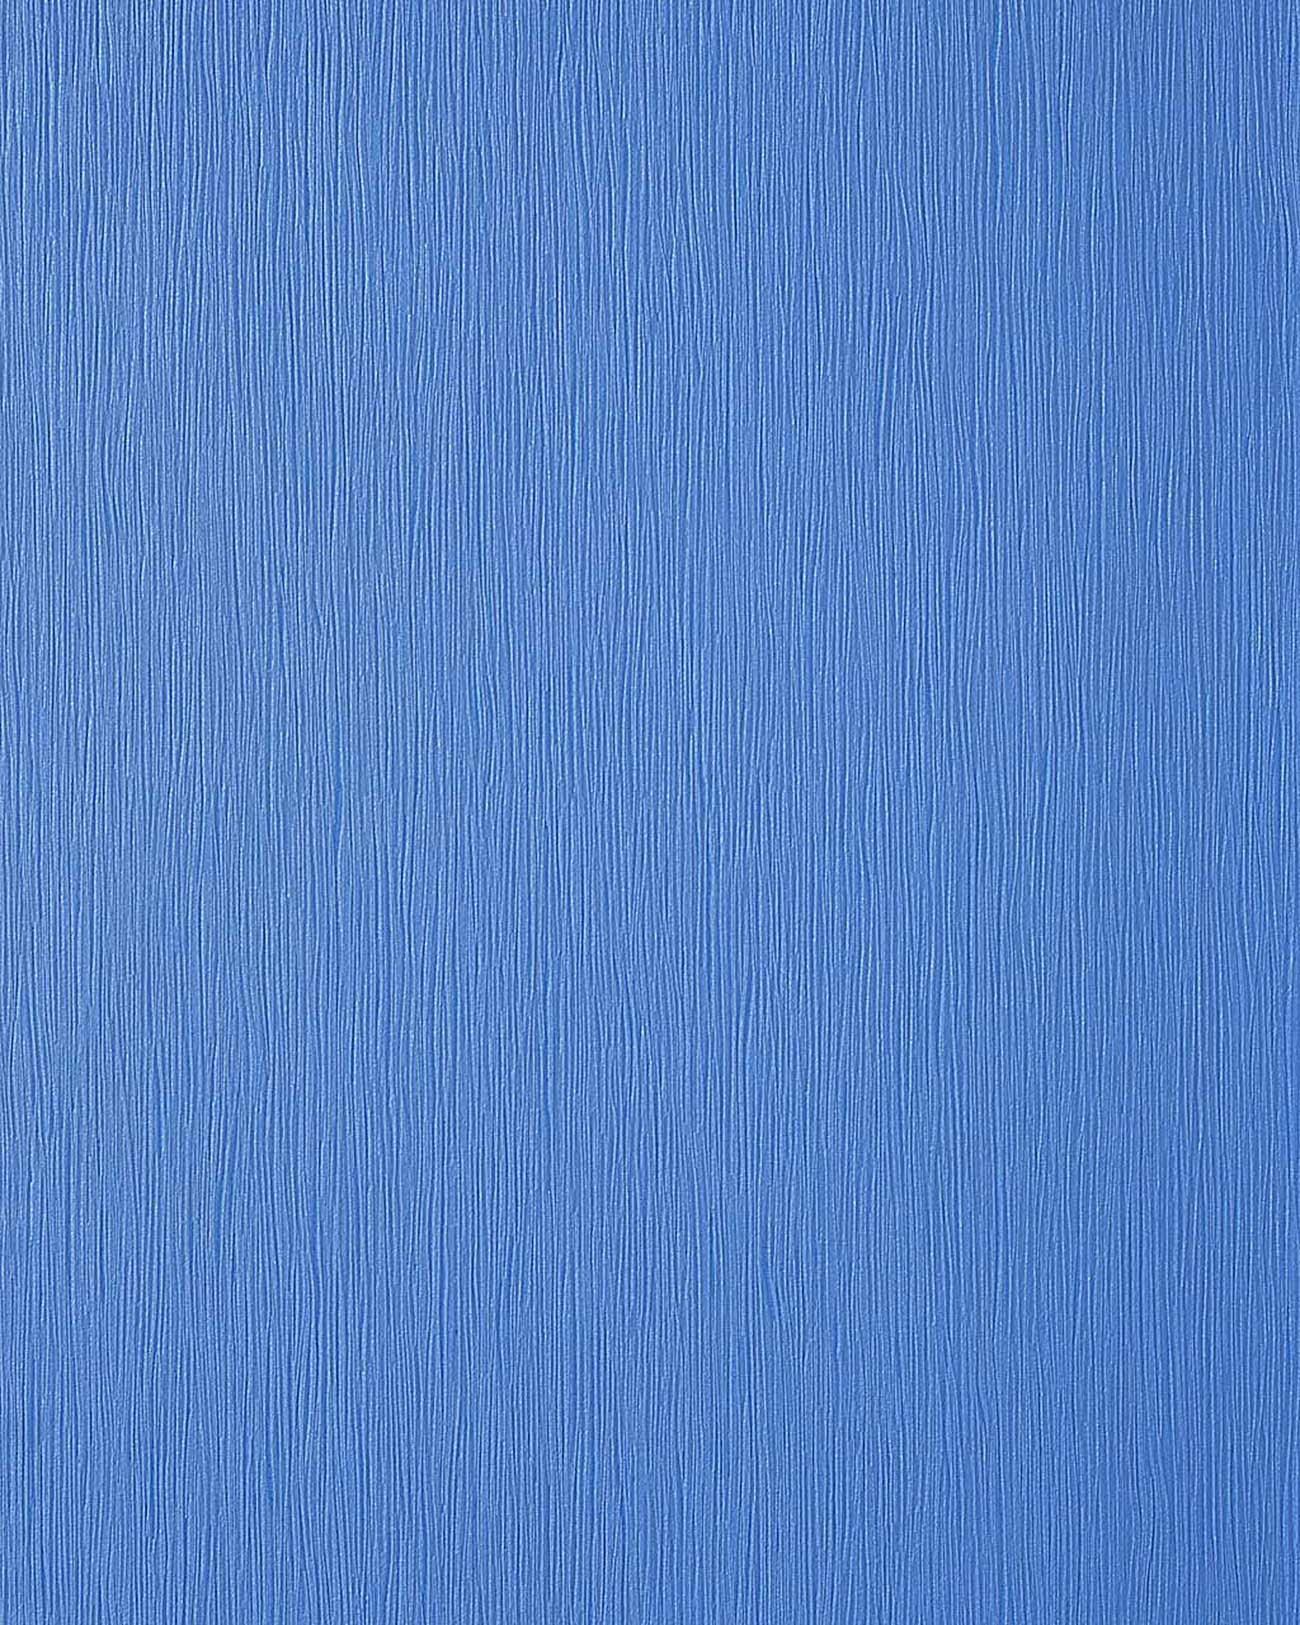 Schön Tapete Blau Gestreift Design